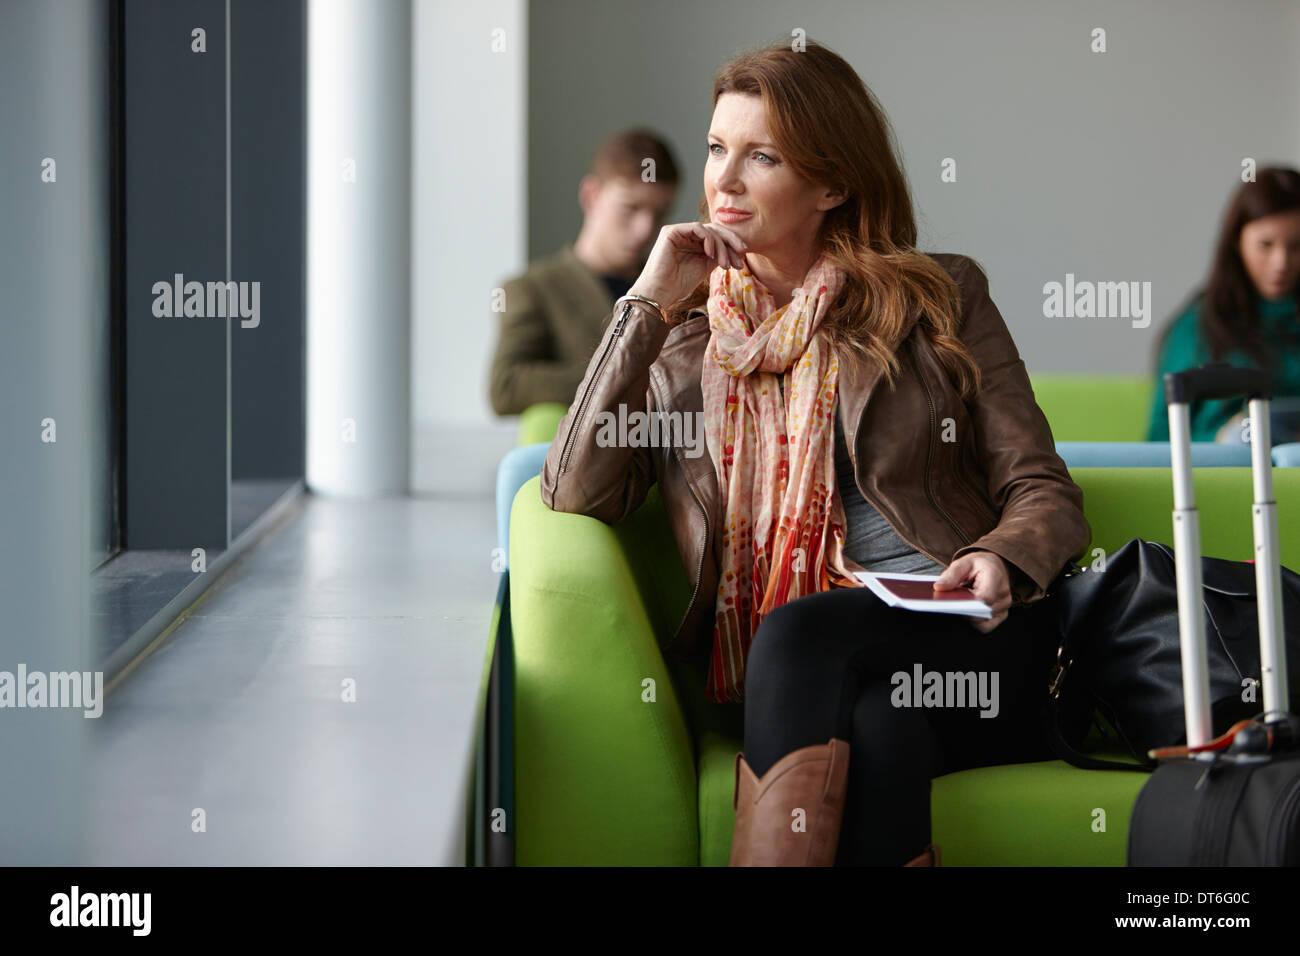 Reife Frau in Abflughalle Stockbild